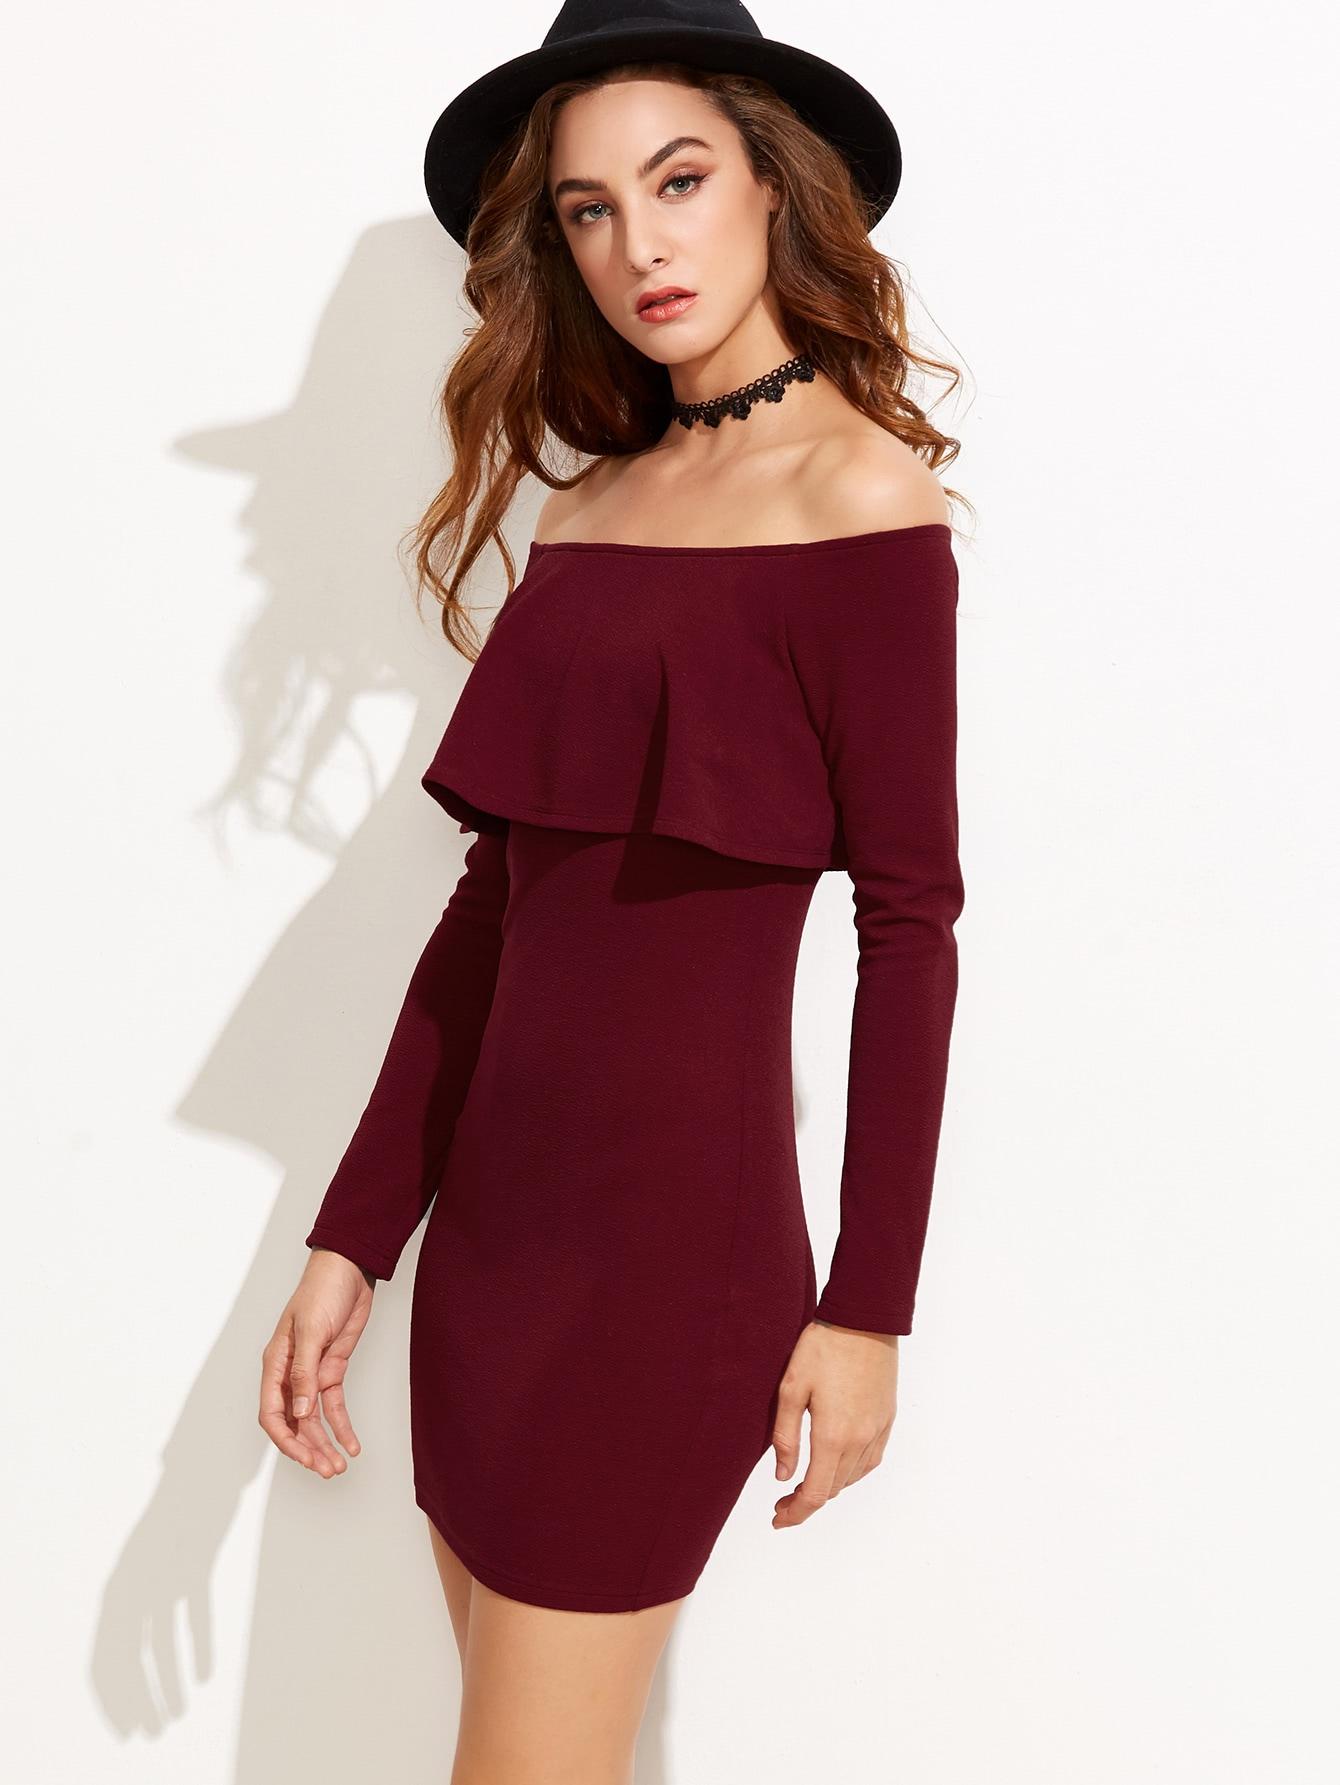 dress160912705_2